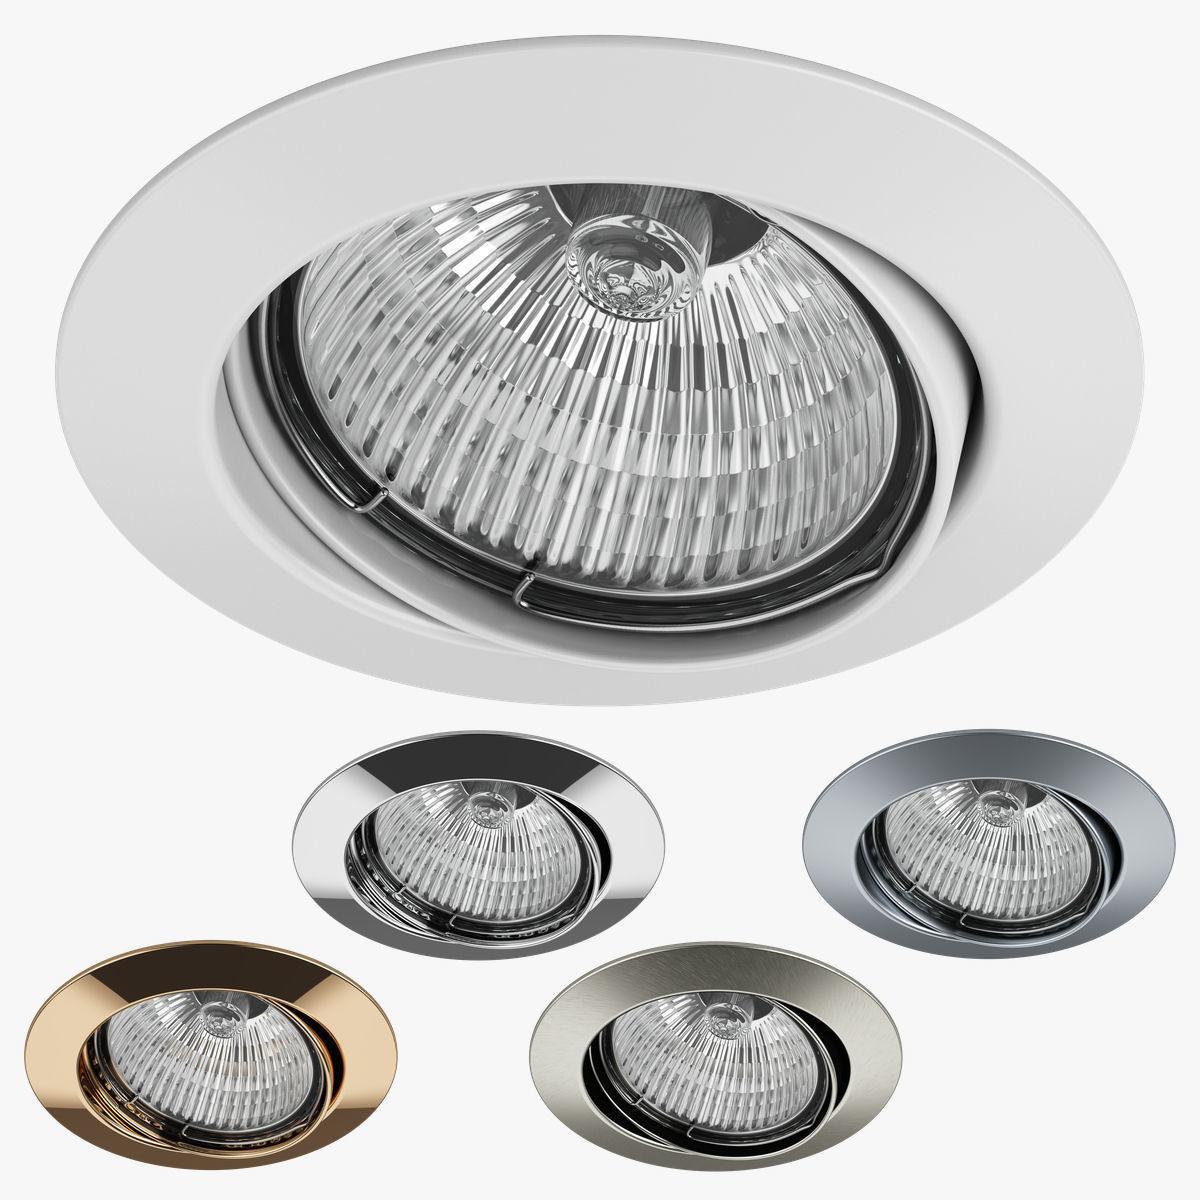 01102x Lega 16 Lightstar Spot light